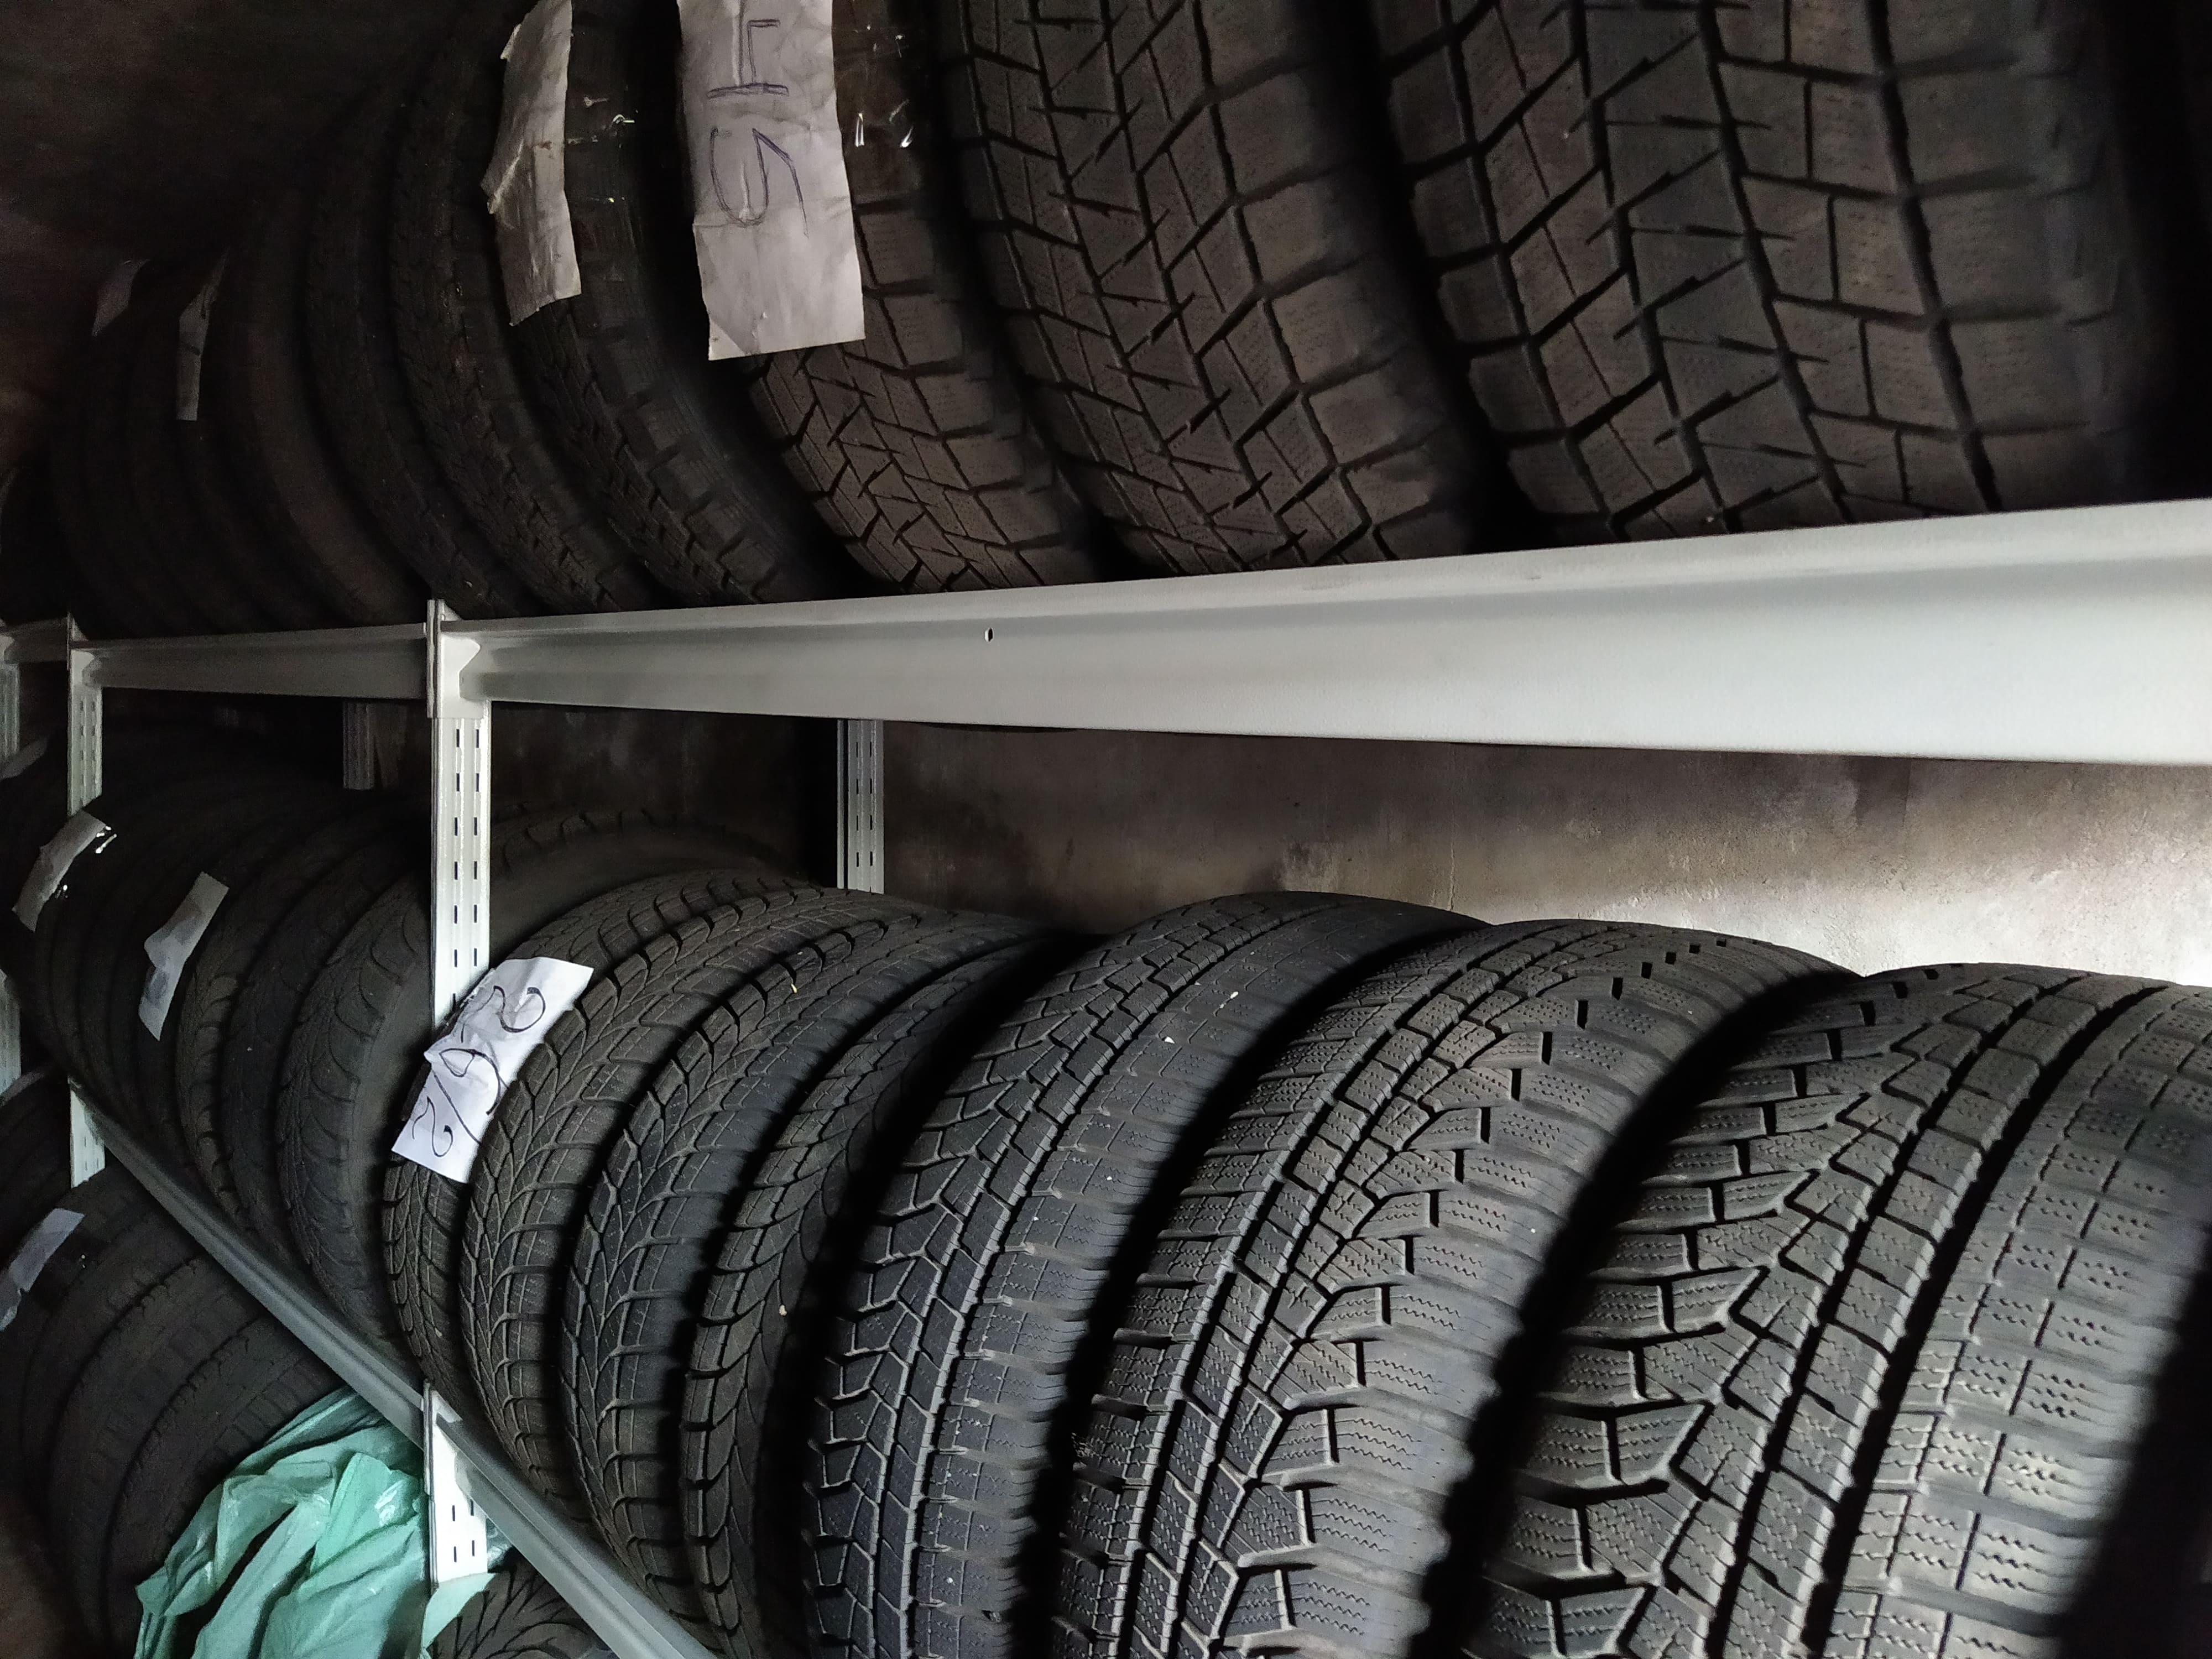 Хранение шин без автомобильных дисков